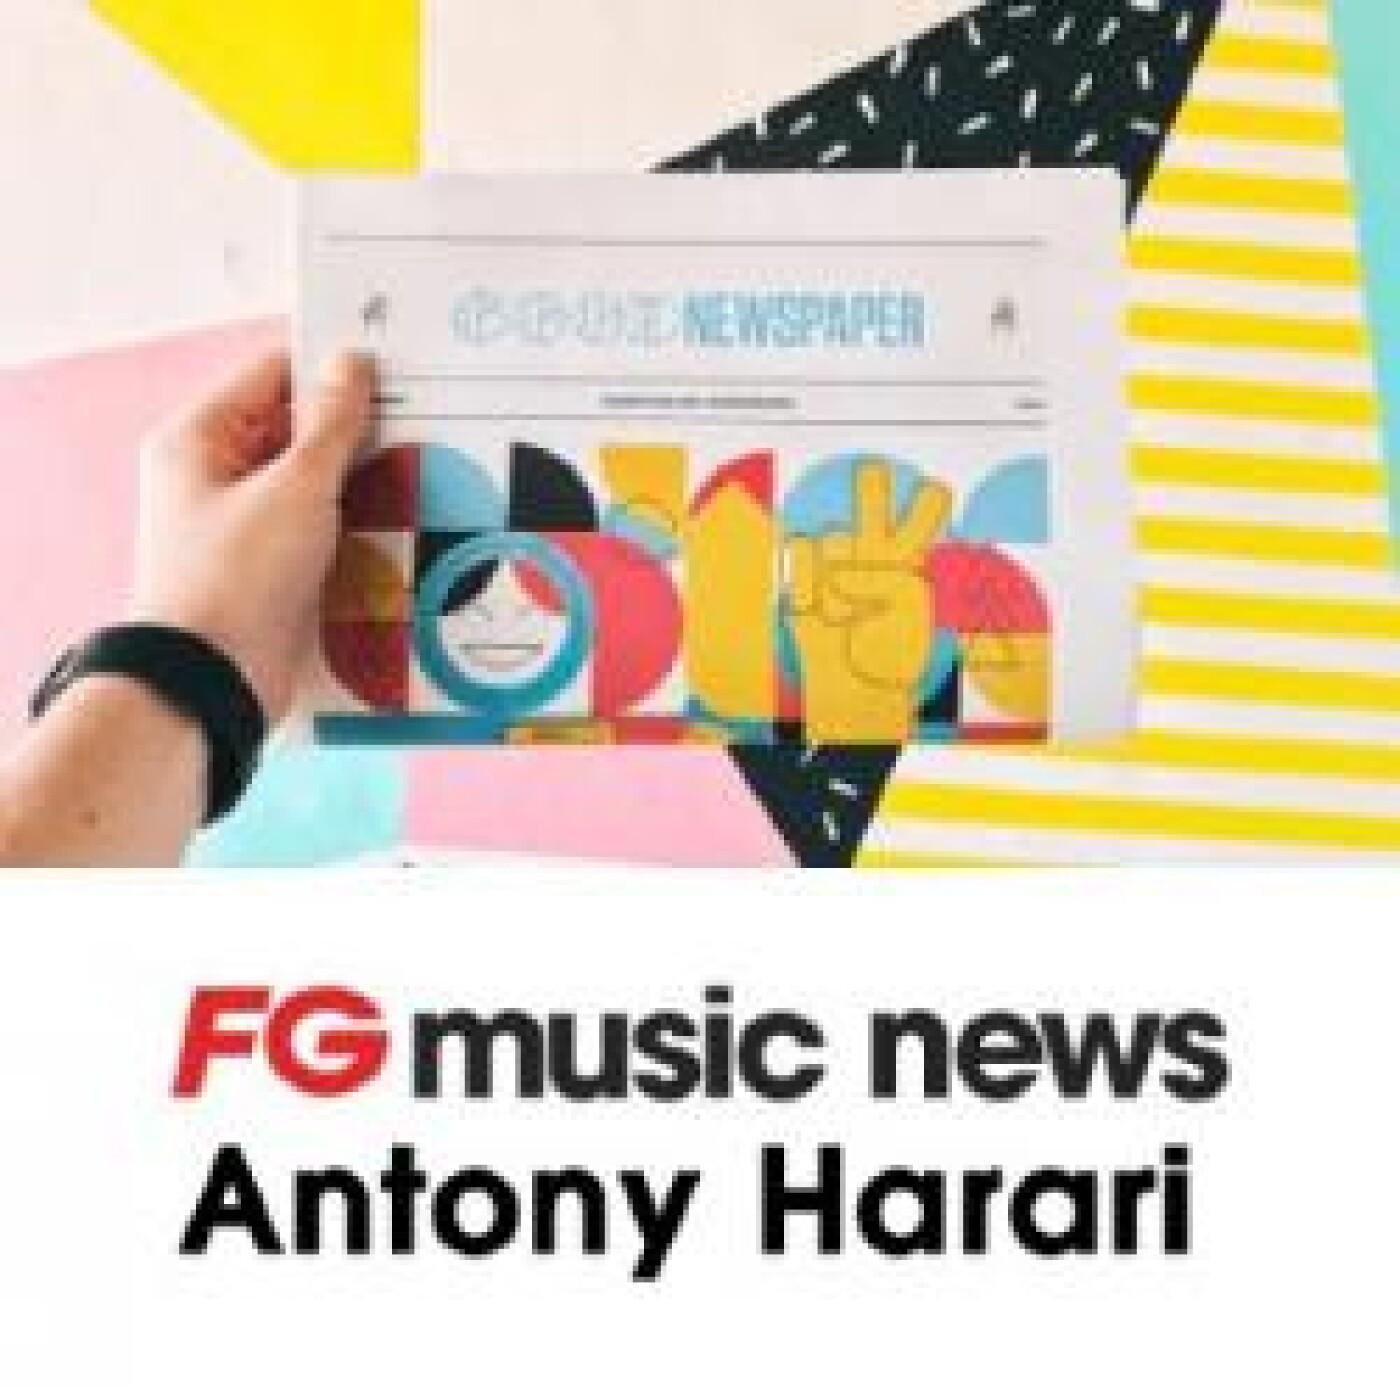 FG MUSIC NEWS : David Guetta et son rythme effréné des nouvelles...